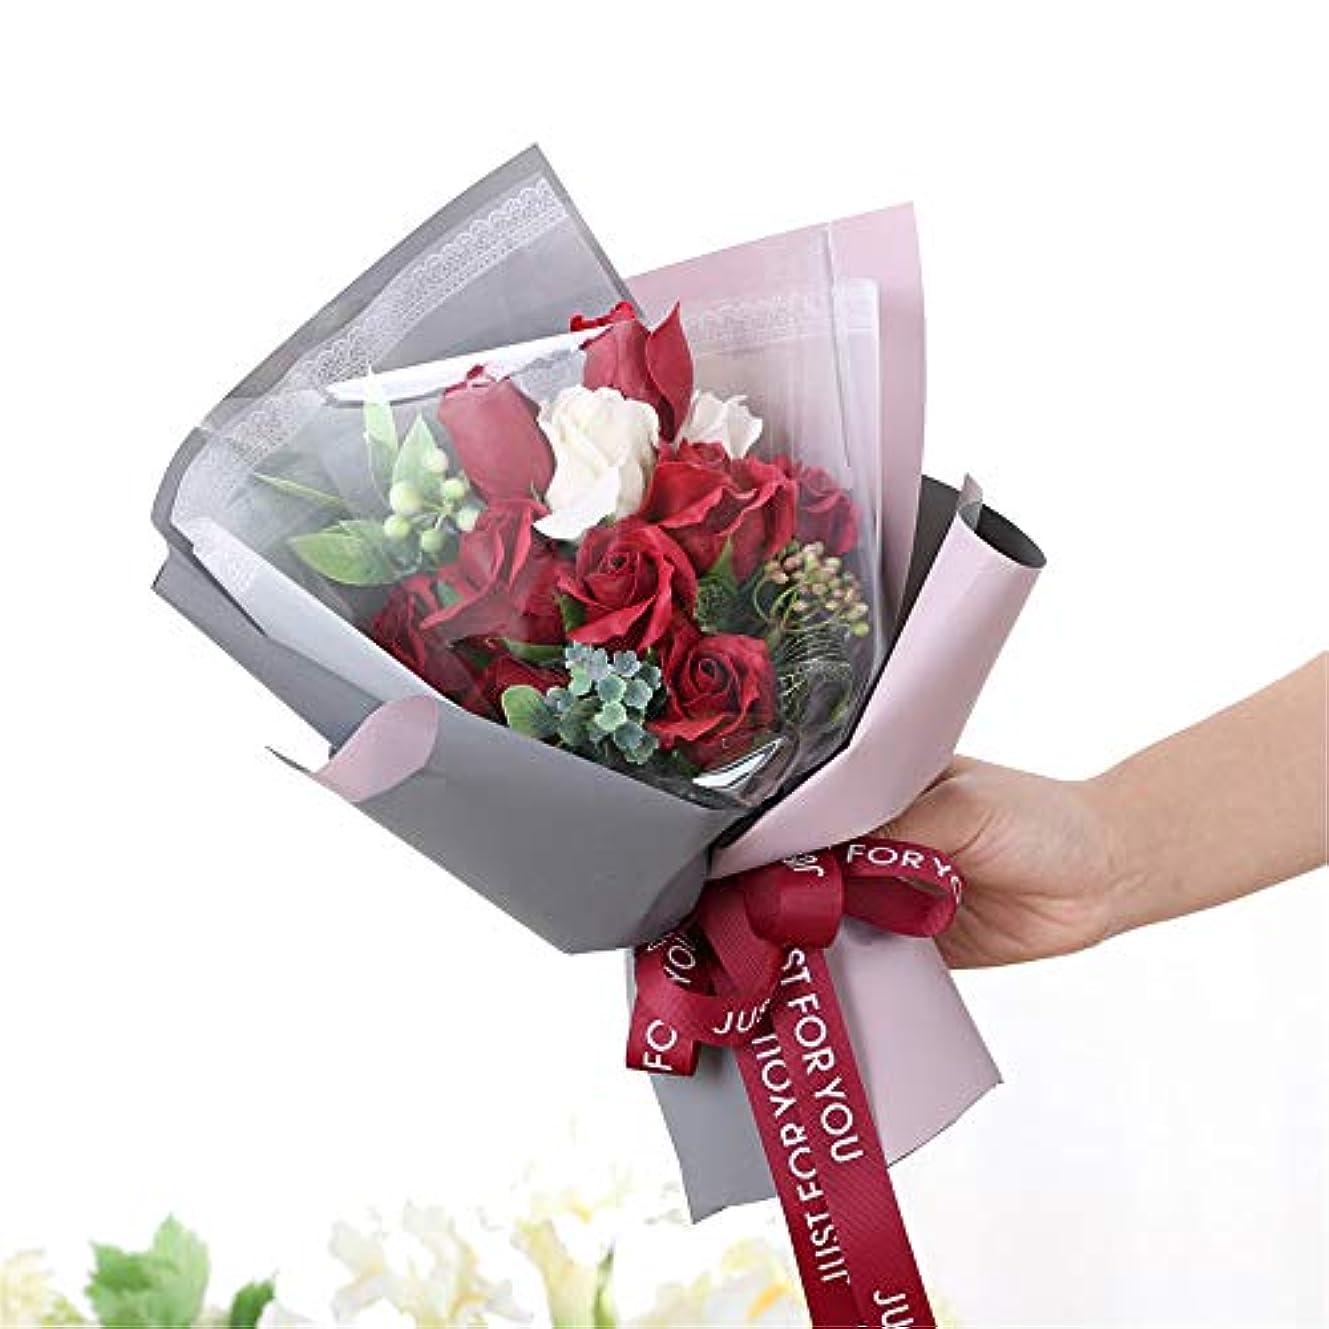 上院識字分離手作りのバラ石鹸フラワーブーケのギフトボックス、女性のためのギフトバレンタインデー、母の日、結婚式、クリスマス、誕生日を愛した女の子 (色 : 赤)